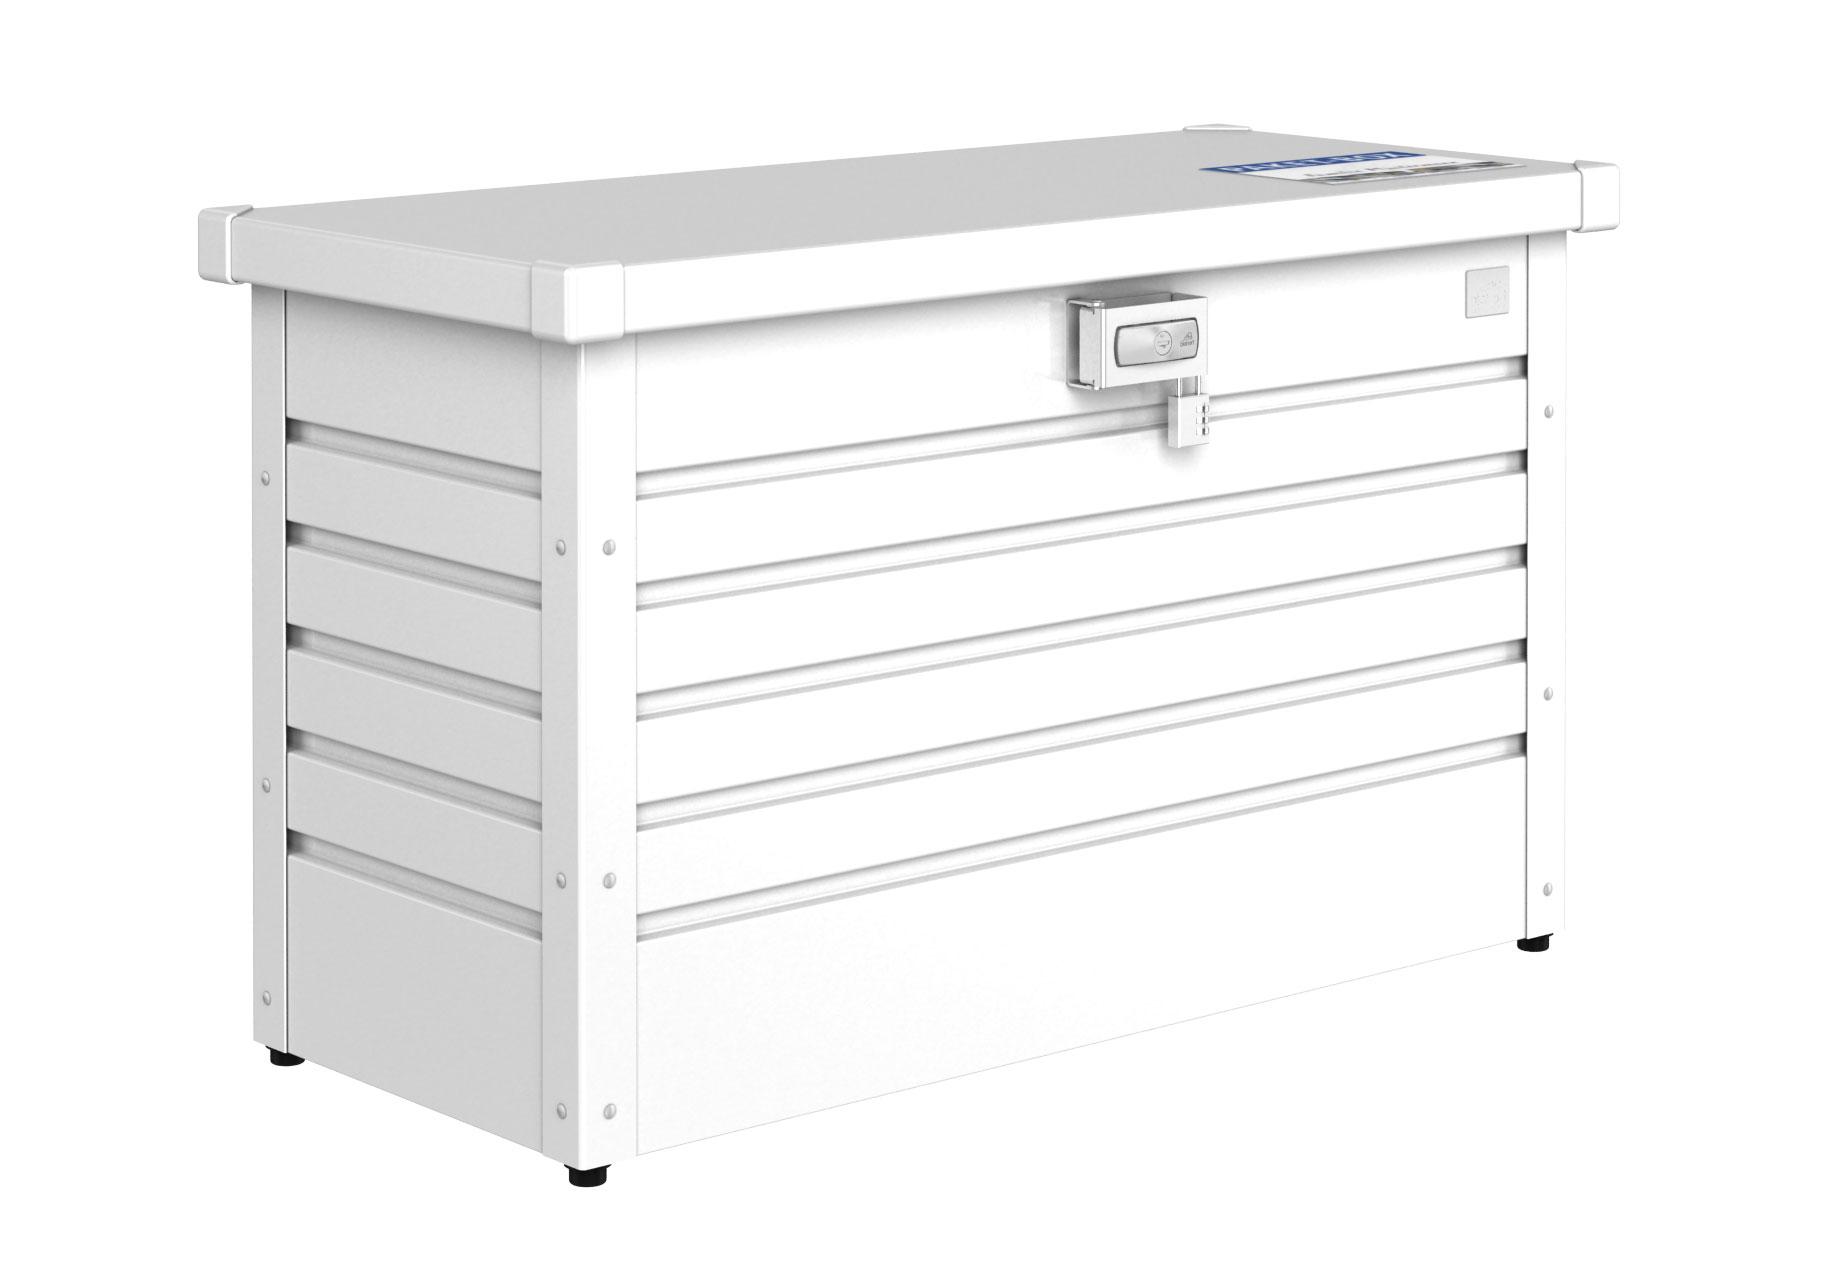 Paket-Box / Gartenbox Biohort 100 weiß 101x46x61cm Bild 1